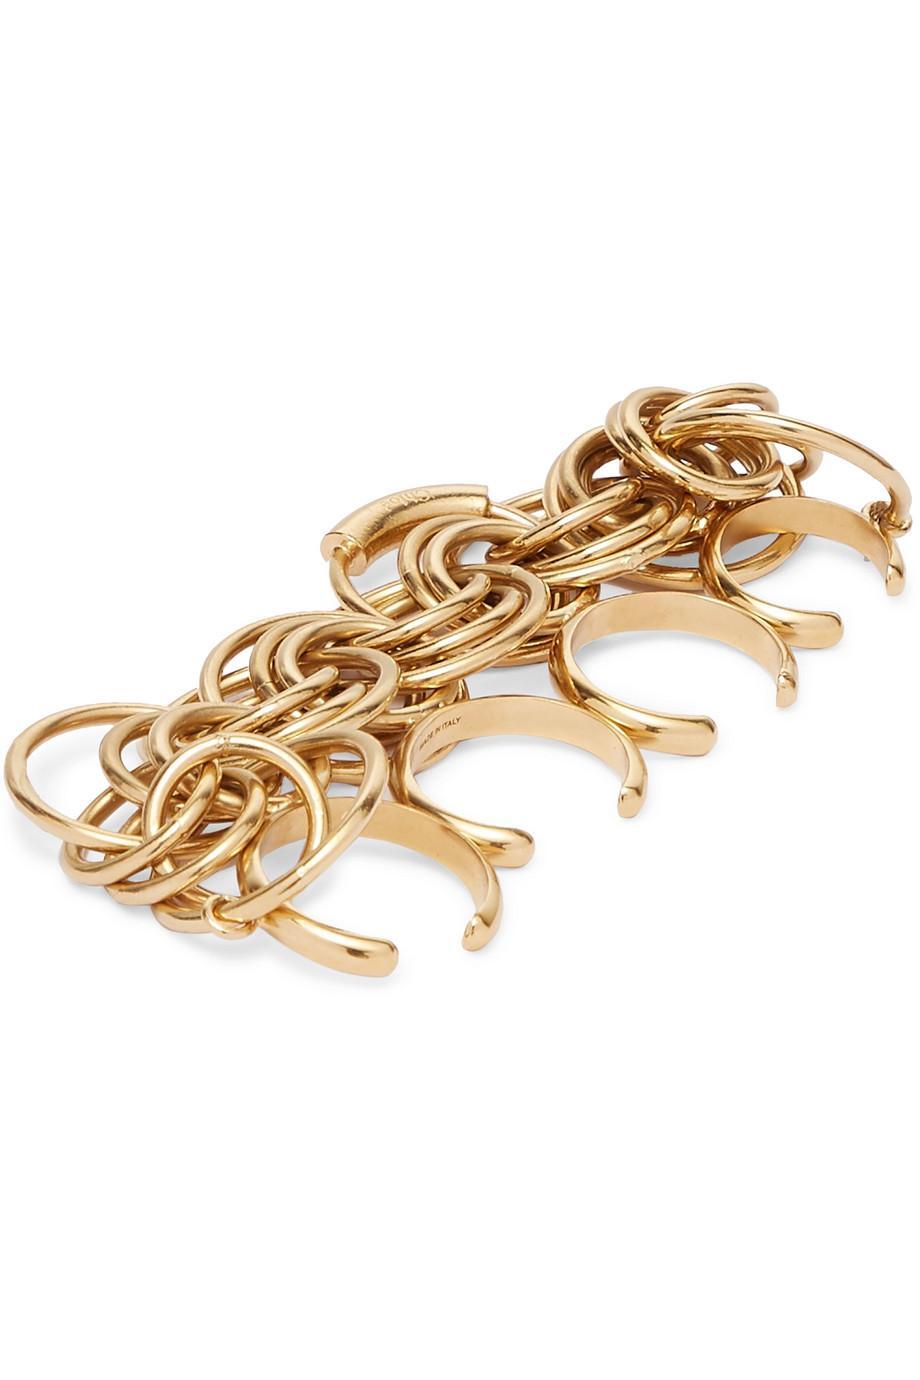 Chloé Reese Gold-tone Ring XJKfal